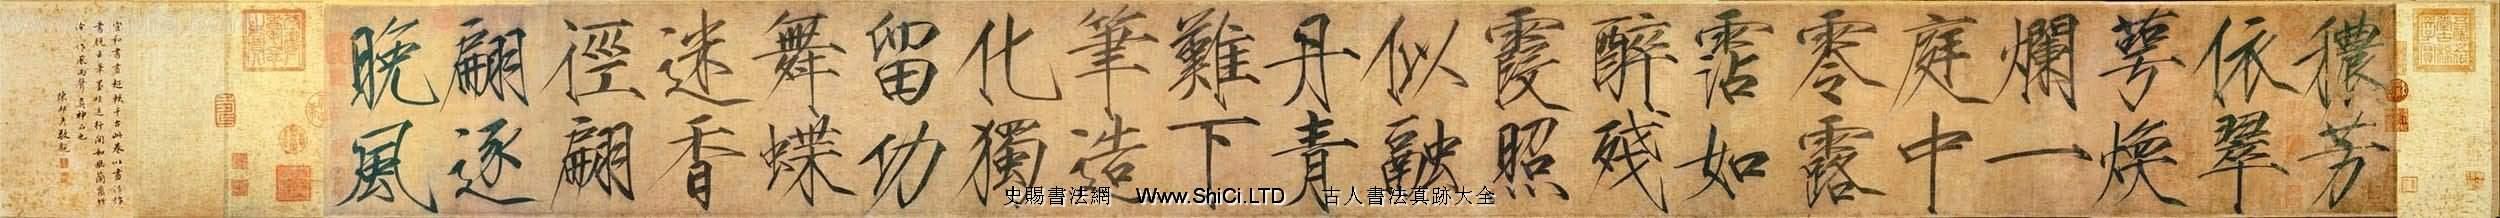 宋徽宗趙佶書法藝術(共8張圖片)